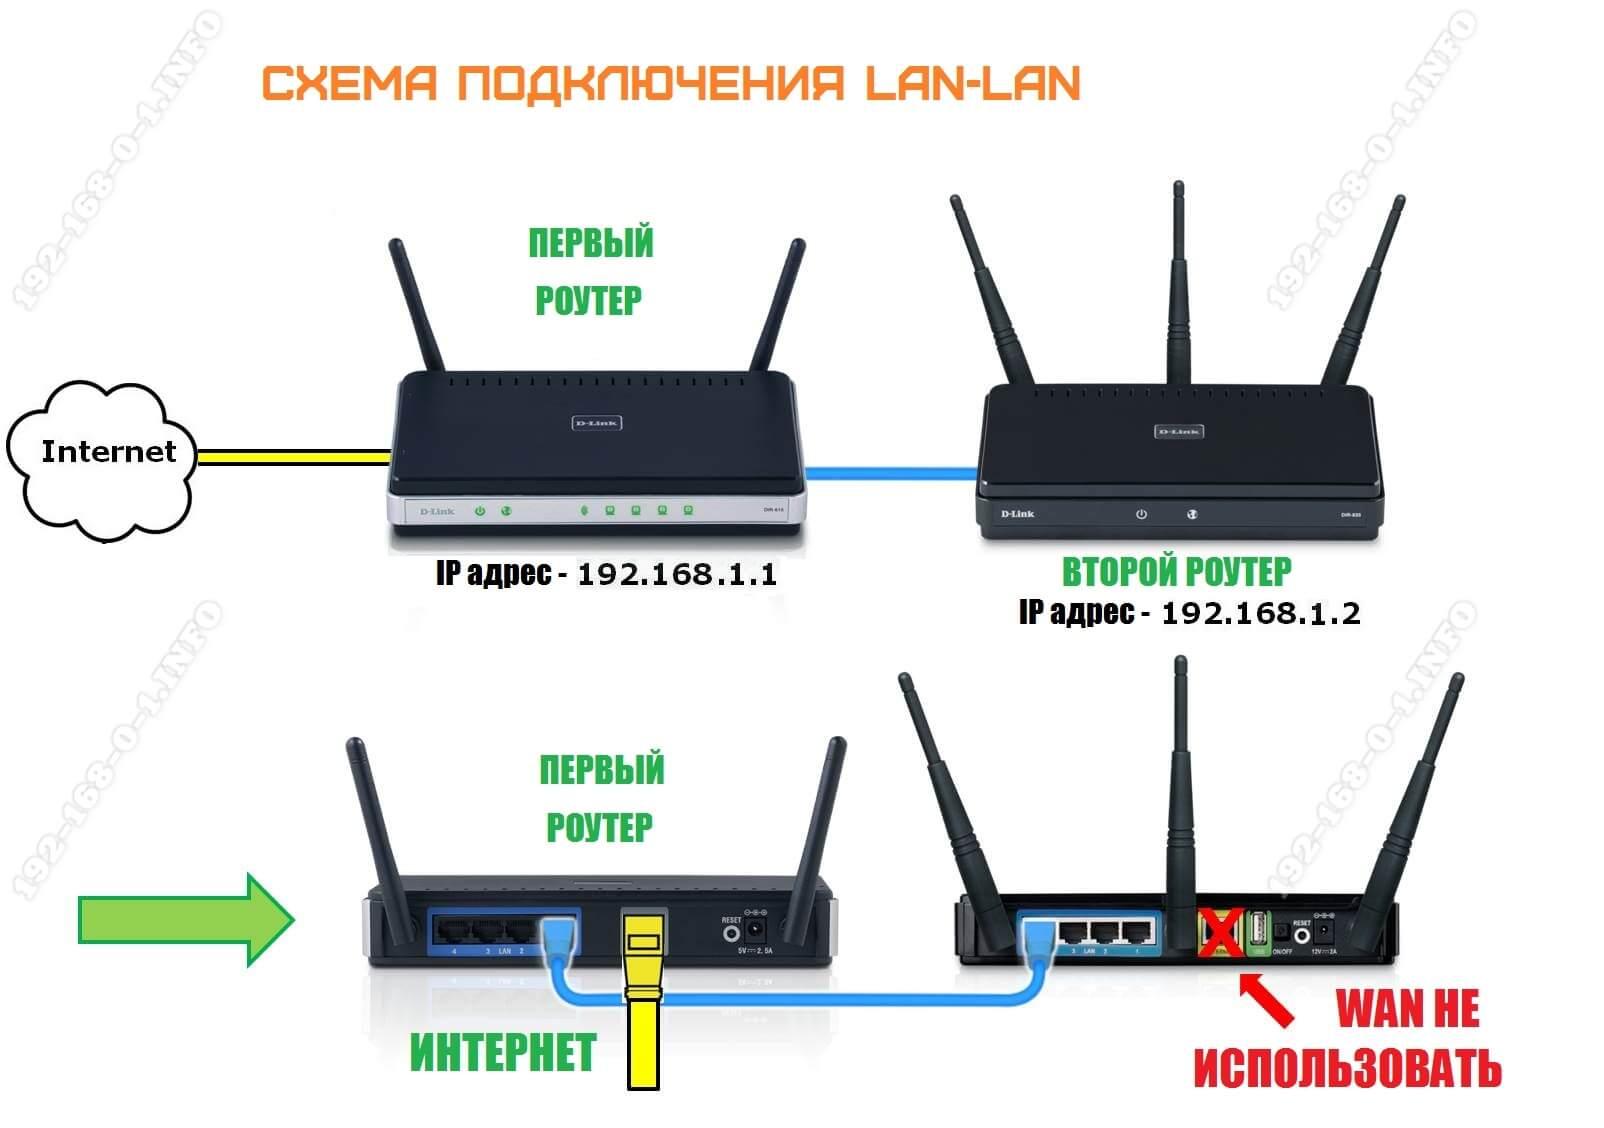 KA Anslut routern till routern via LAN-nätverket